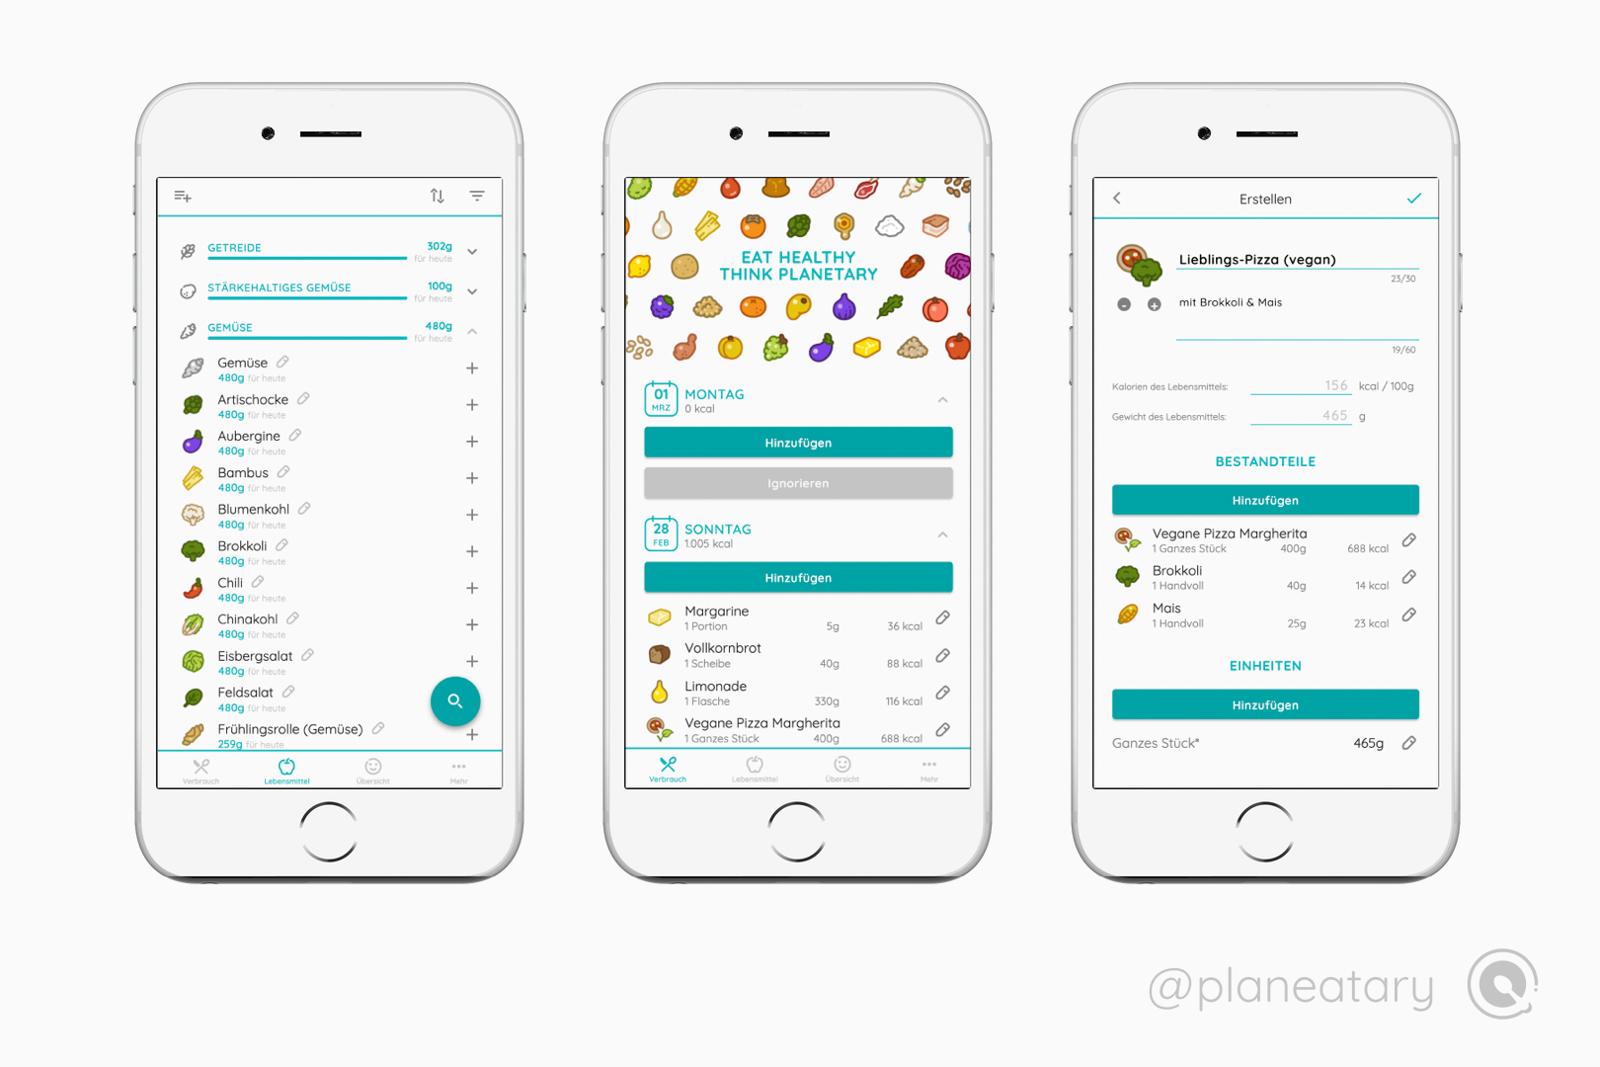 Planeatary App_planetary health diet_gesund und nachhaltig ernähren_App